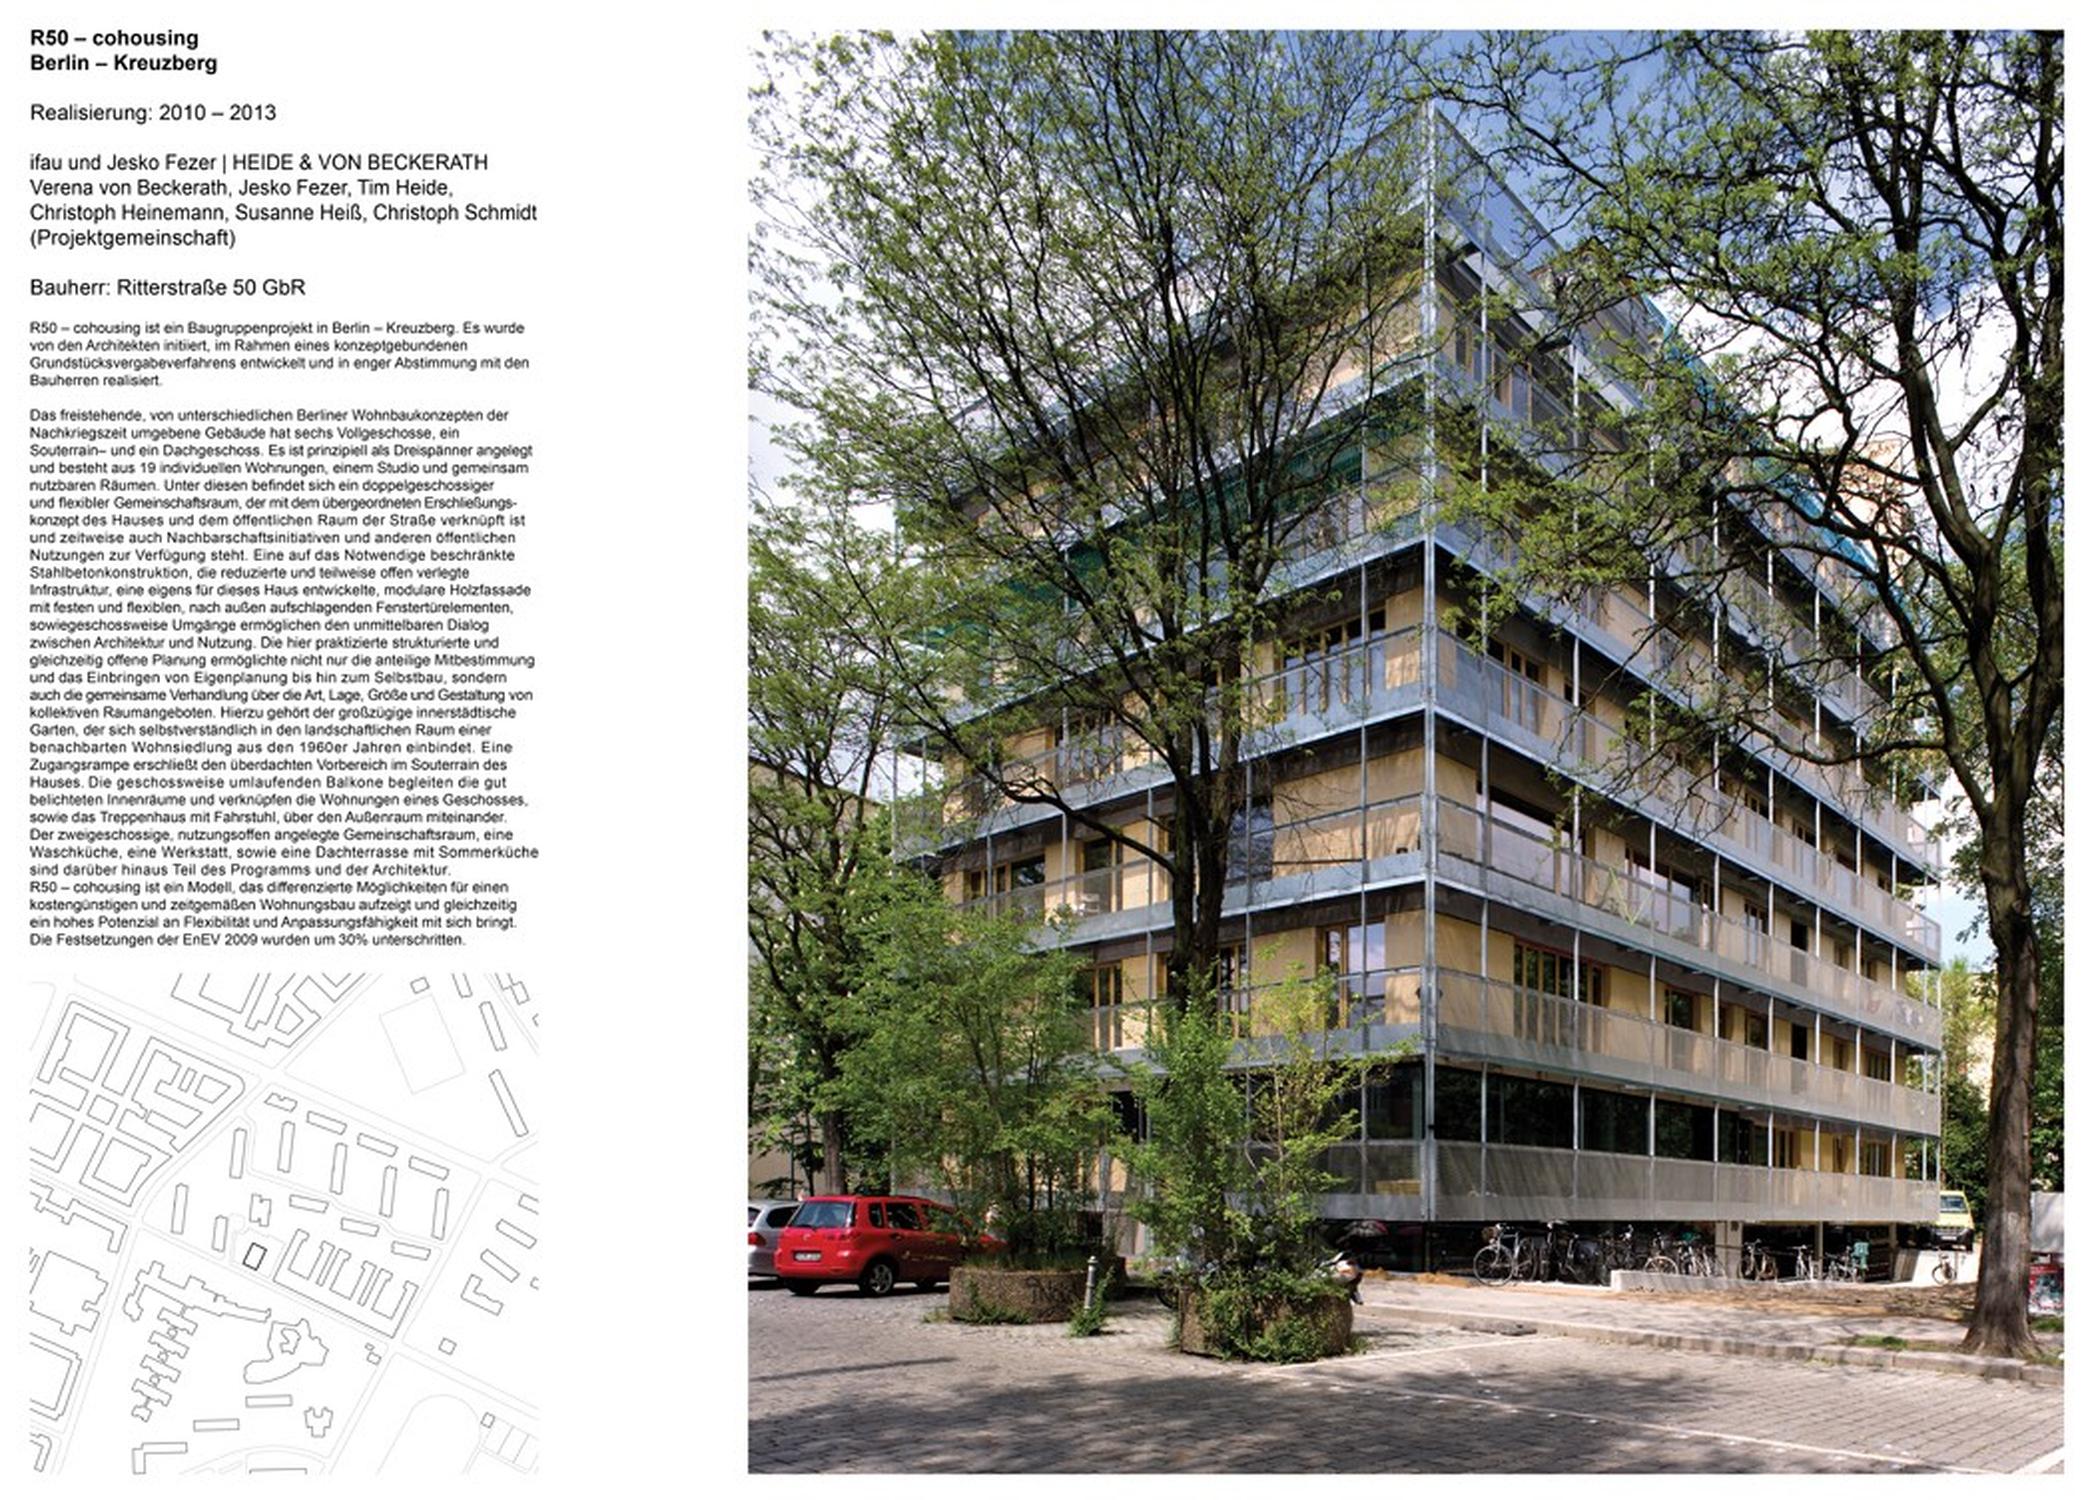 04 heide und von beckerath germany land of innovation. Black Bedroom Furniture Sets. Home Design Ideas